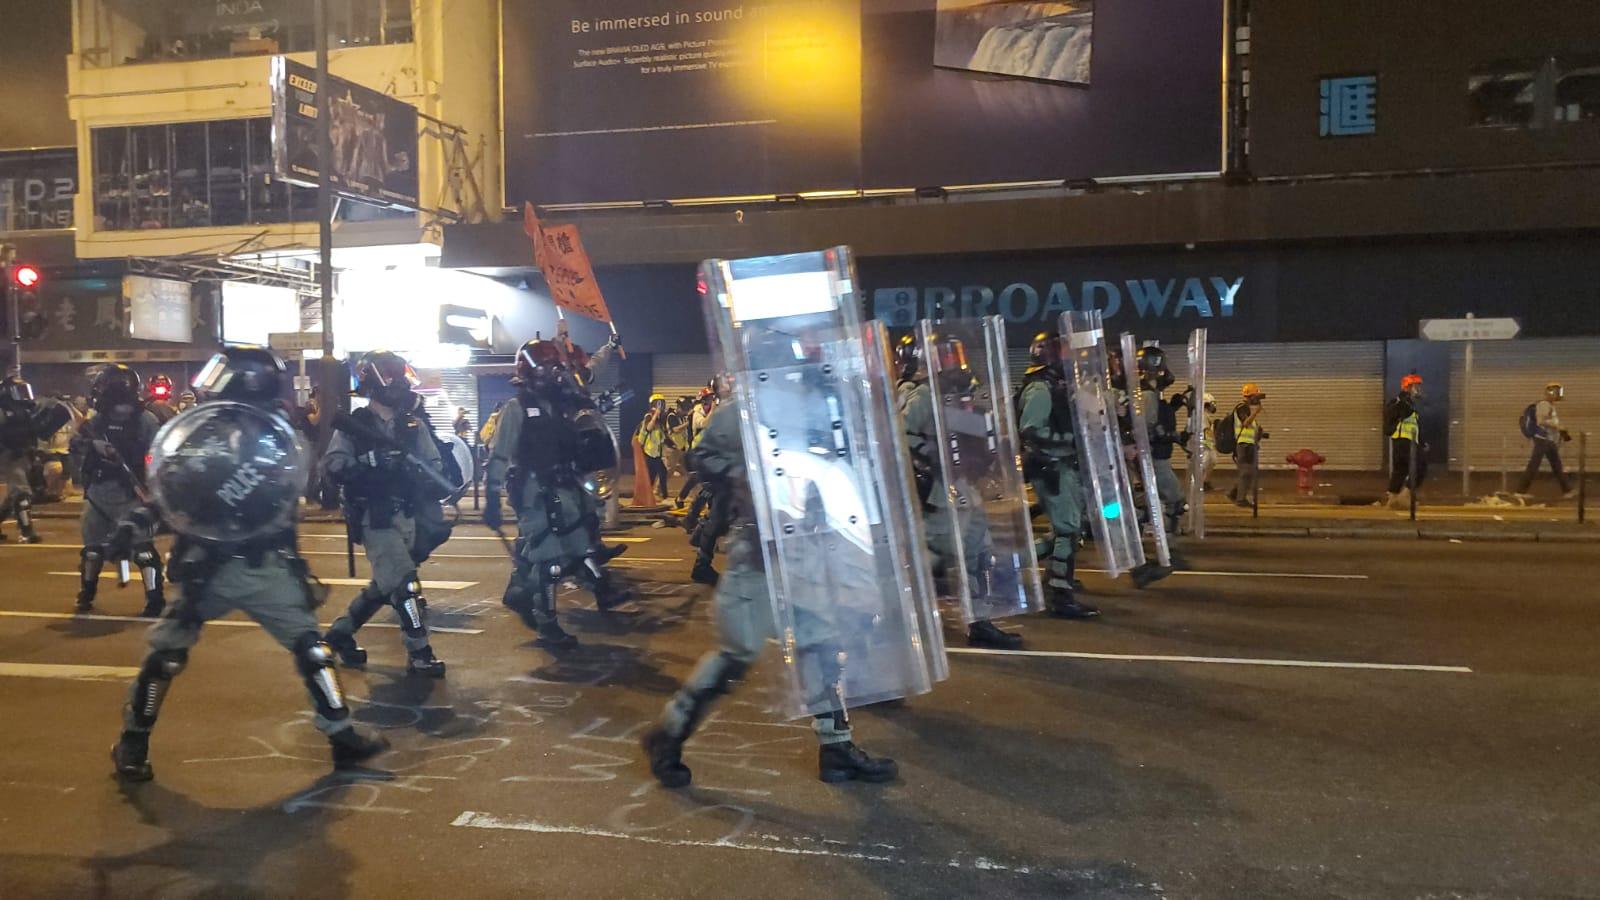 【修例风波】旺角私家车疑被催泪弹射中司机不适 弥敦道示威者掷汽油弹